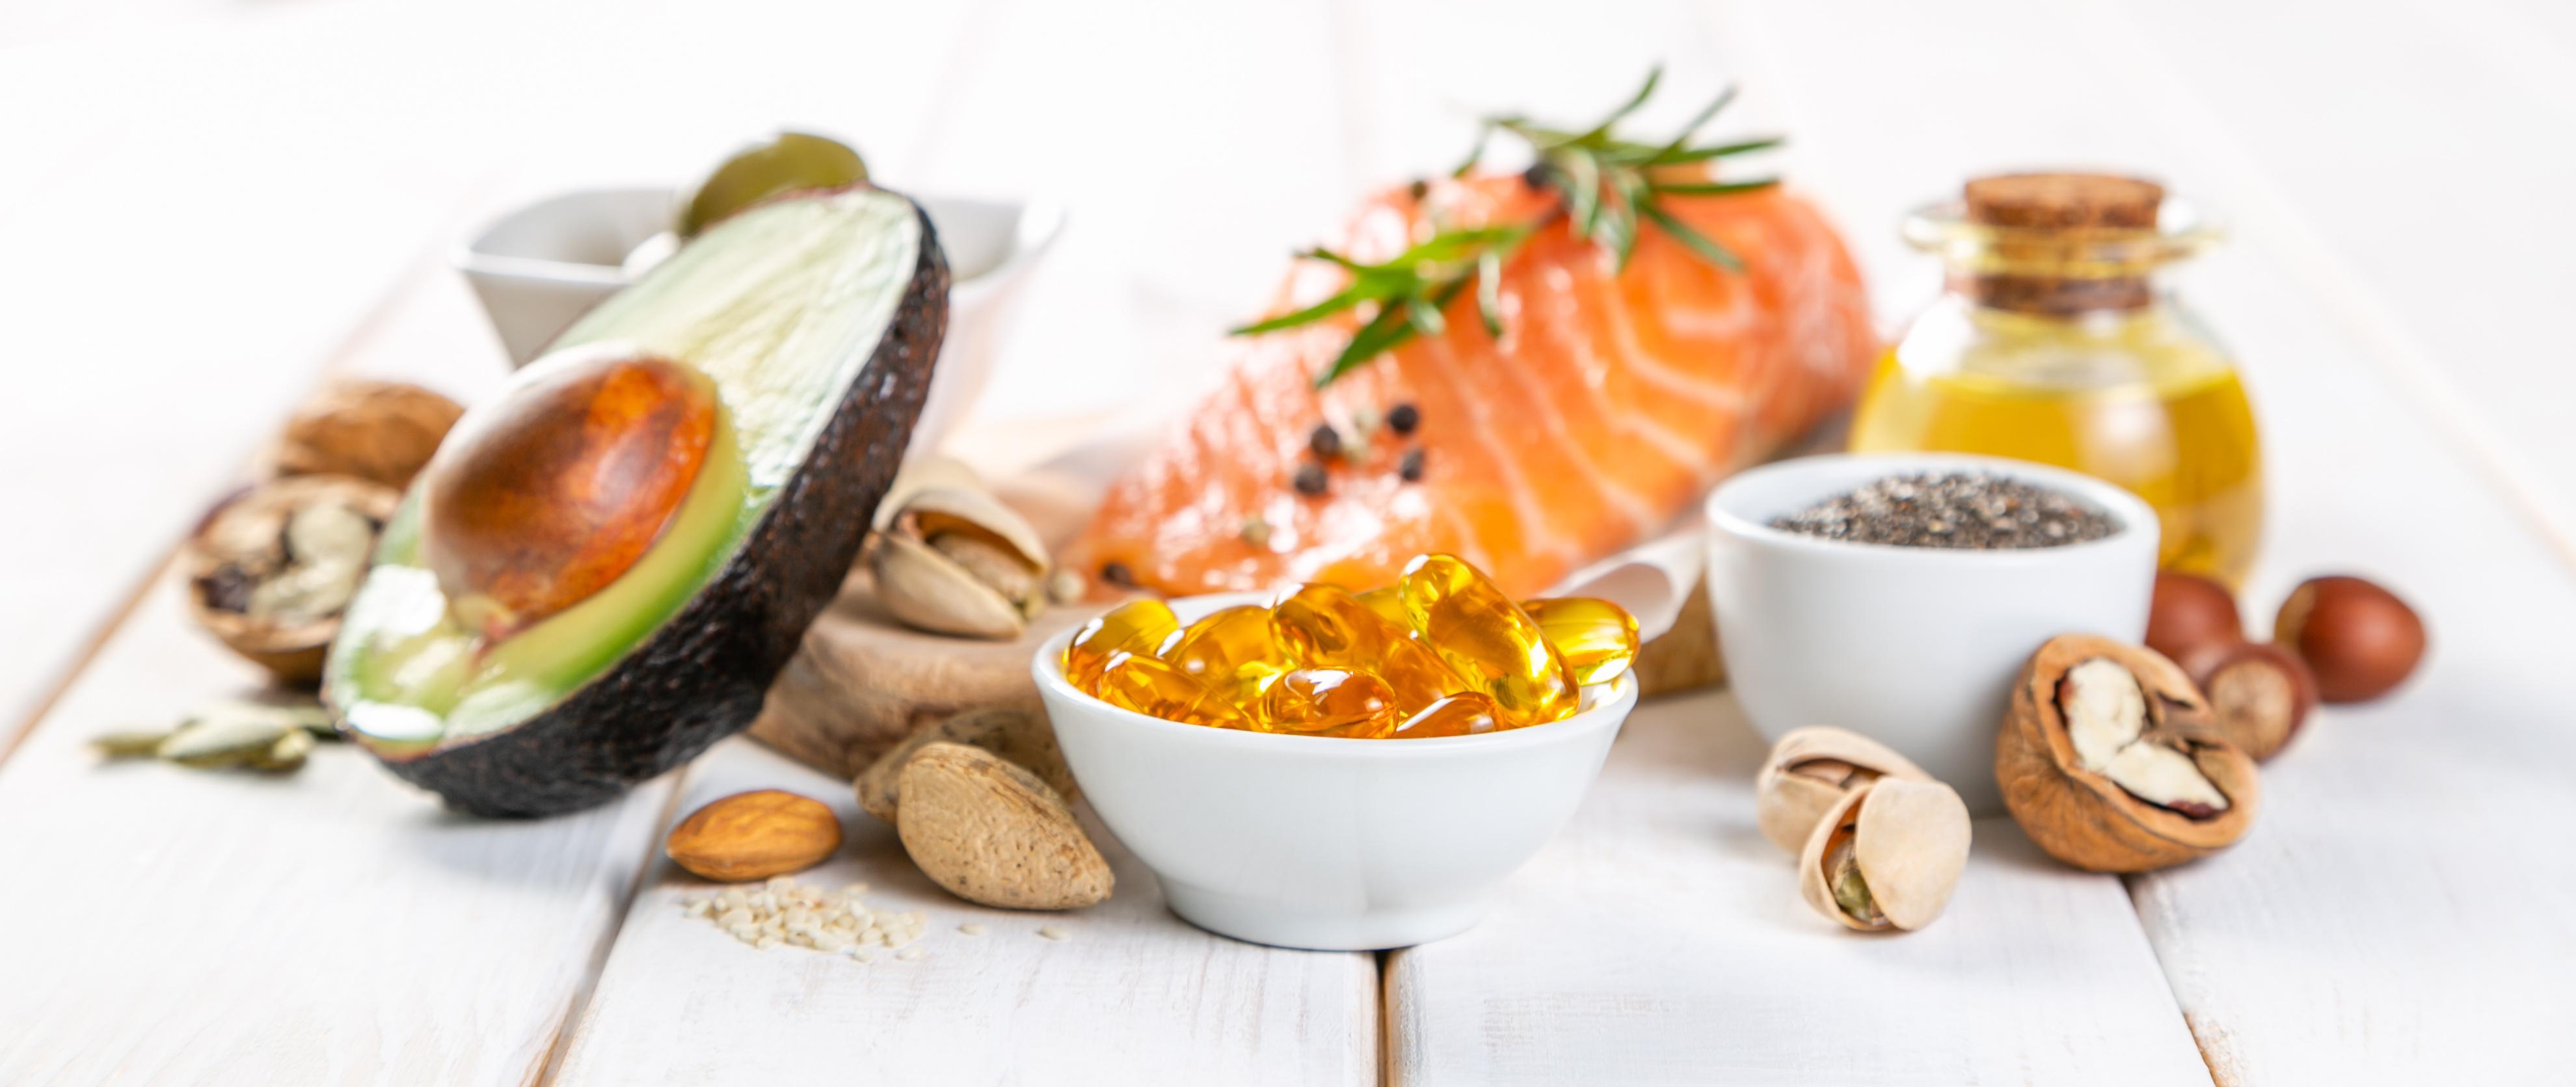 In vitro des tumeurs se dissolvent en quelques jours sous l'action d'un omega-3 bien connu (Visuel Adobe Stock 246020888)